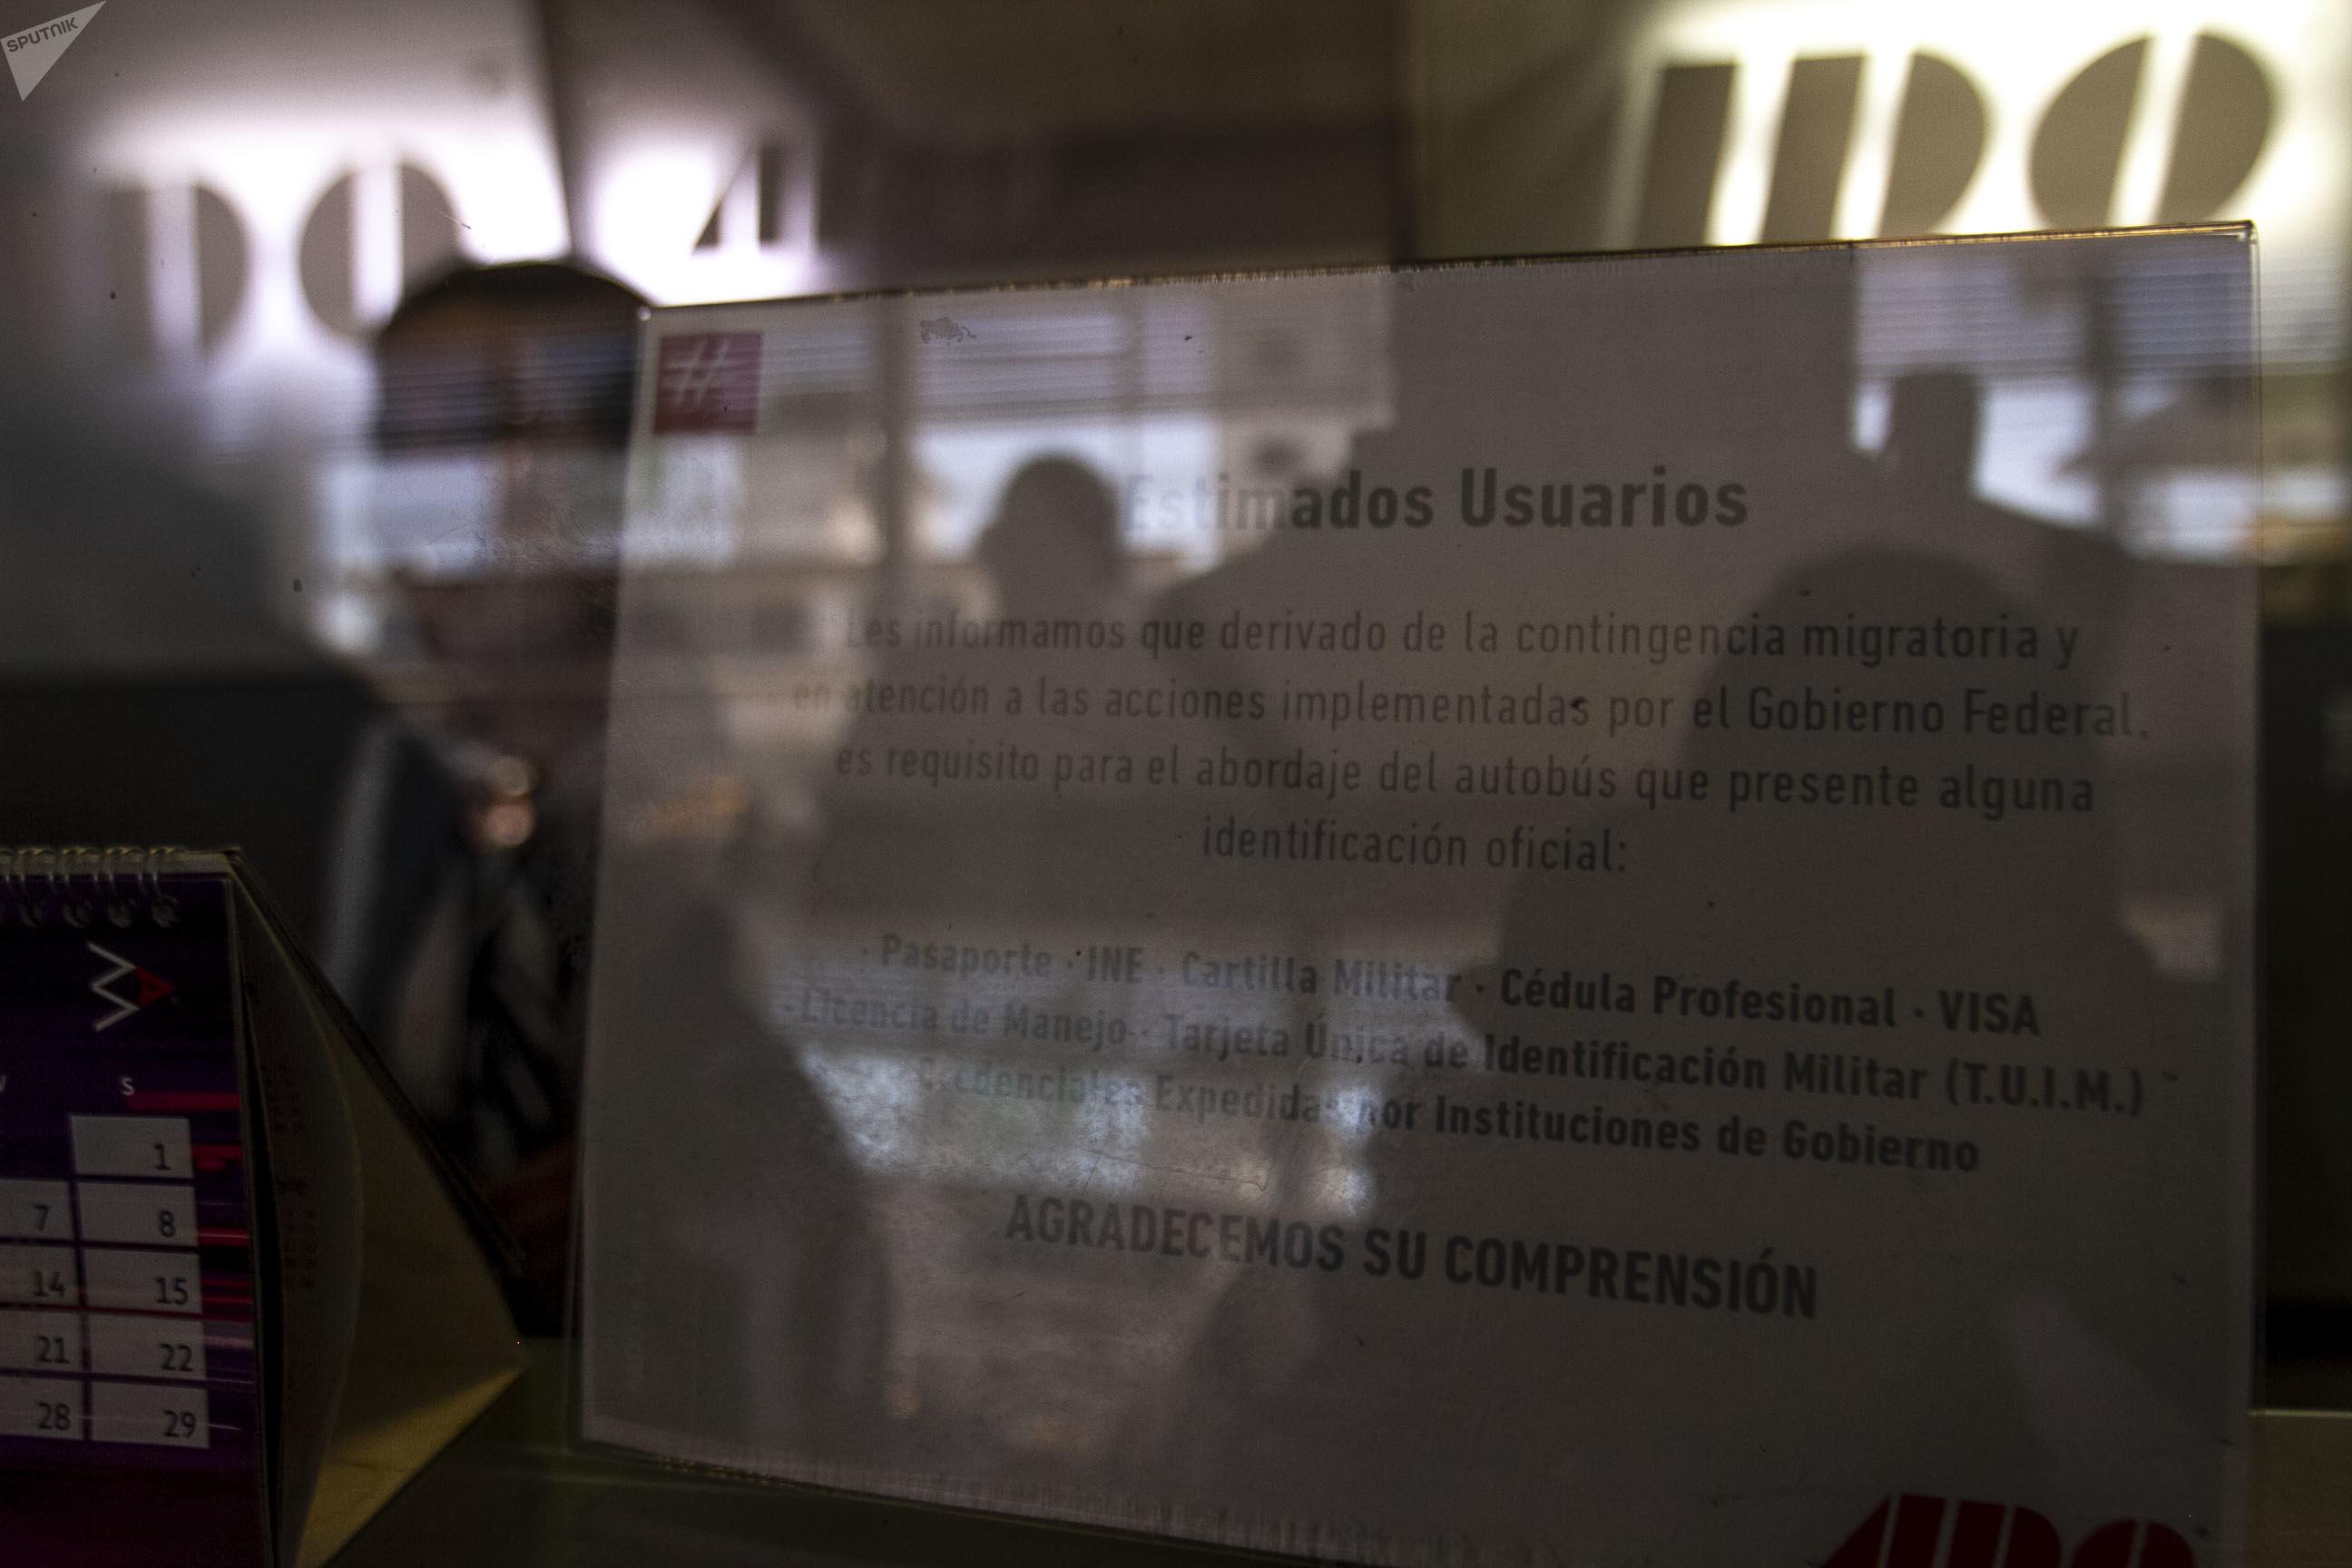 Compañías de transporte terrestre lanzan campaña para detener la migración en México